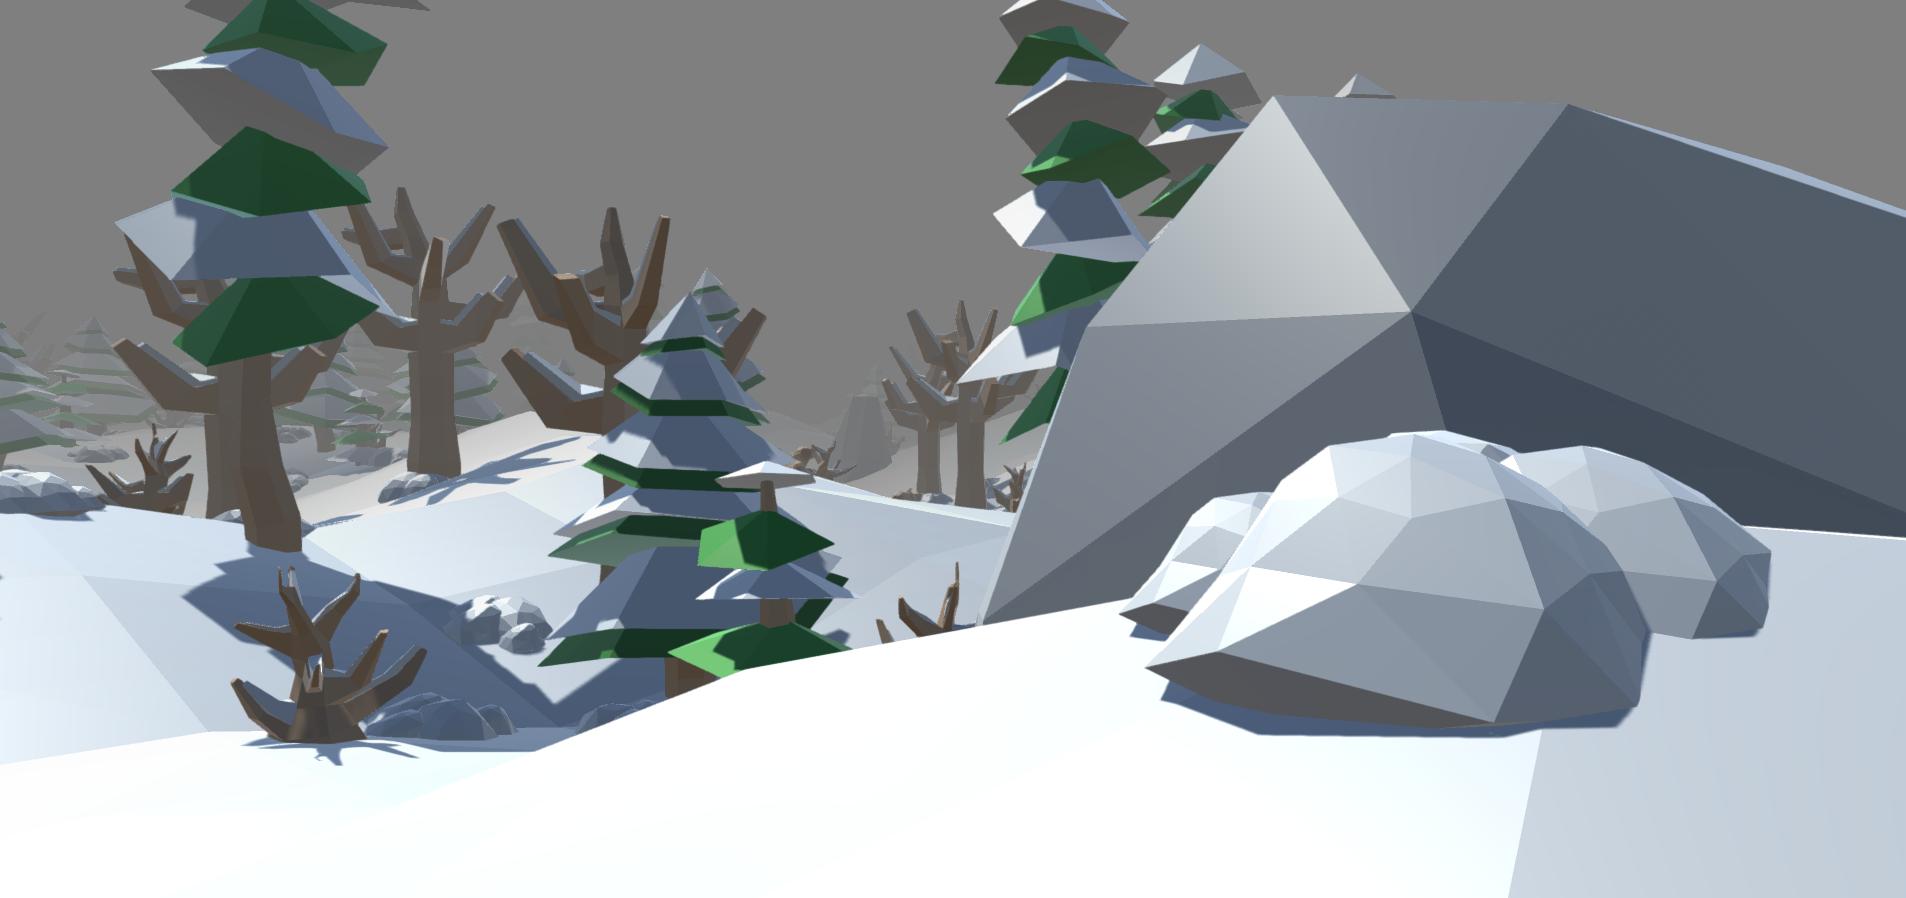 landscape 1 devlog 5